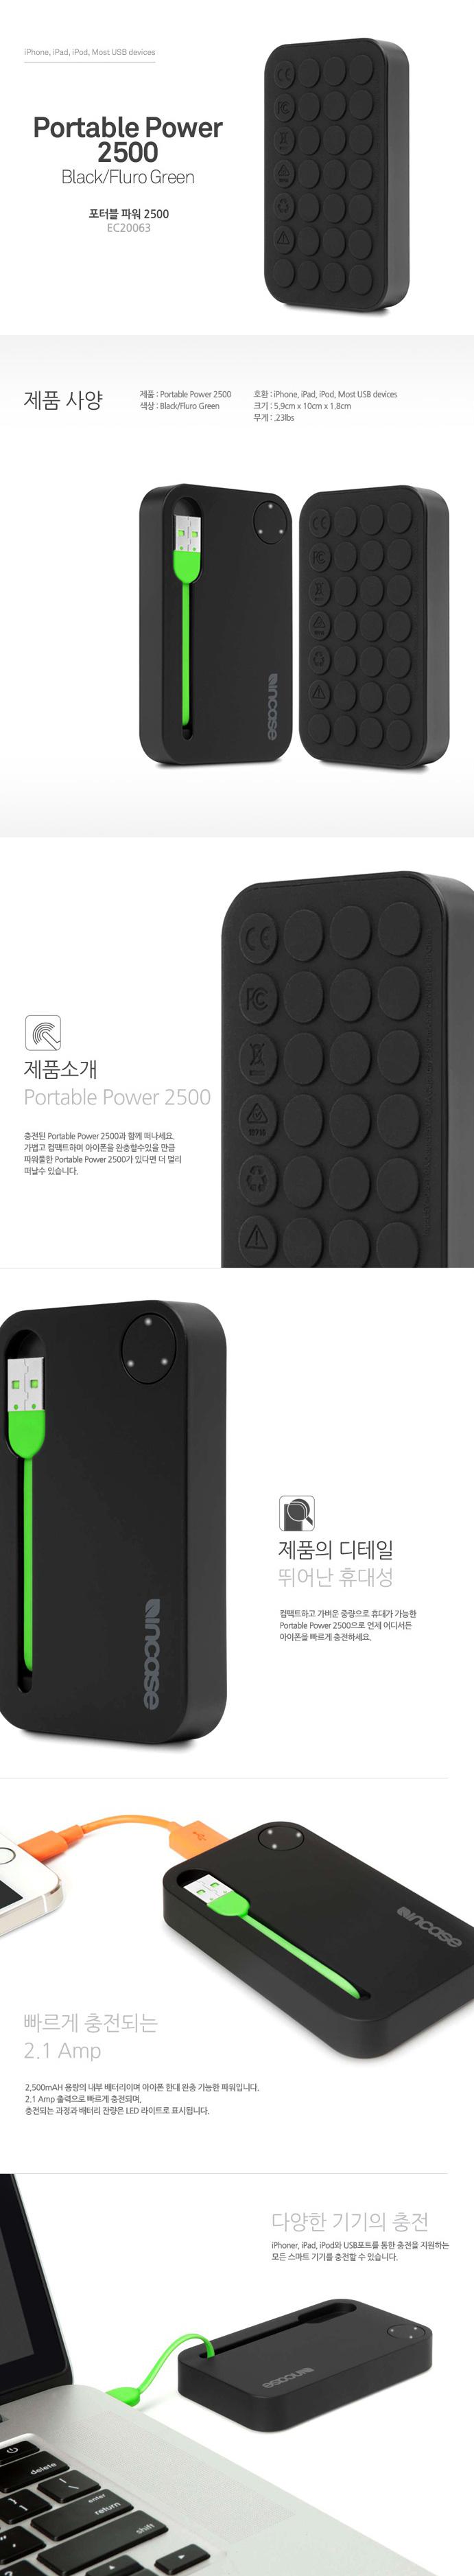 [인케이스]INCASE - Portable Power 2500 EC20063 (Black Matte/Fluro Green) 인케이스코리아 정품 AS가능